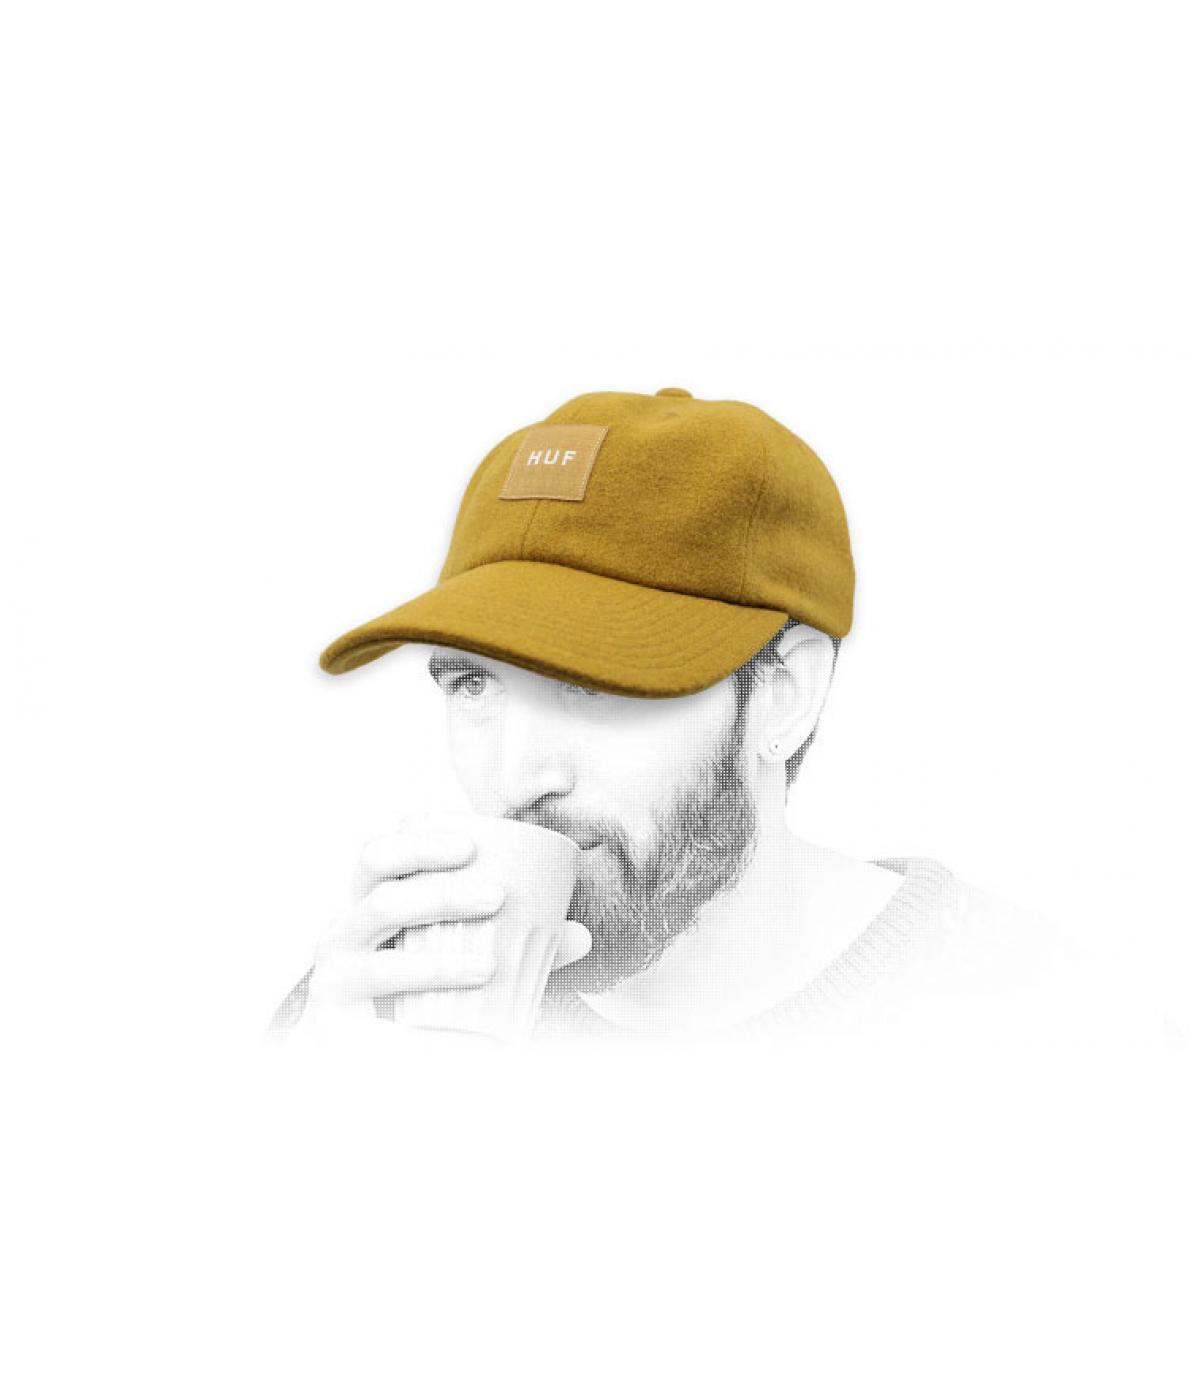 gorra lana Melton Huf amarillo